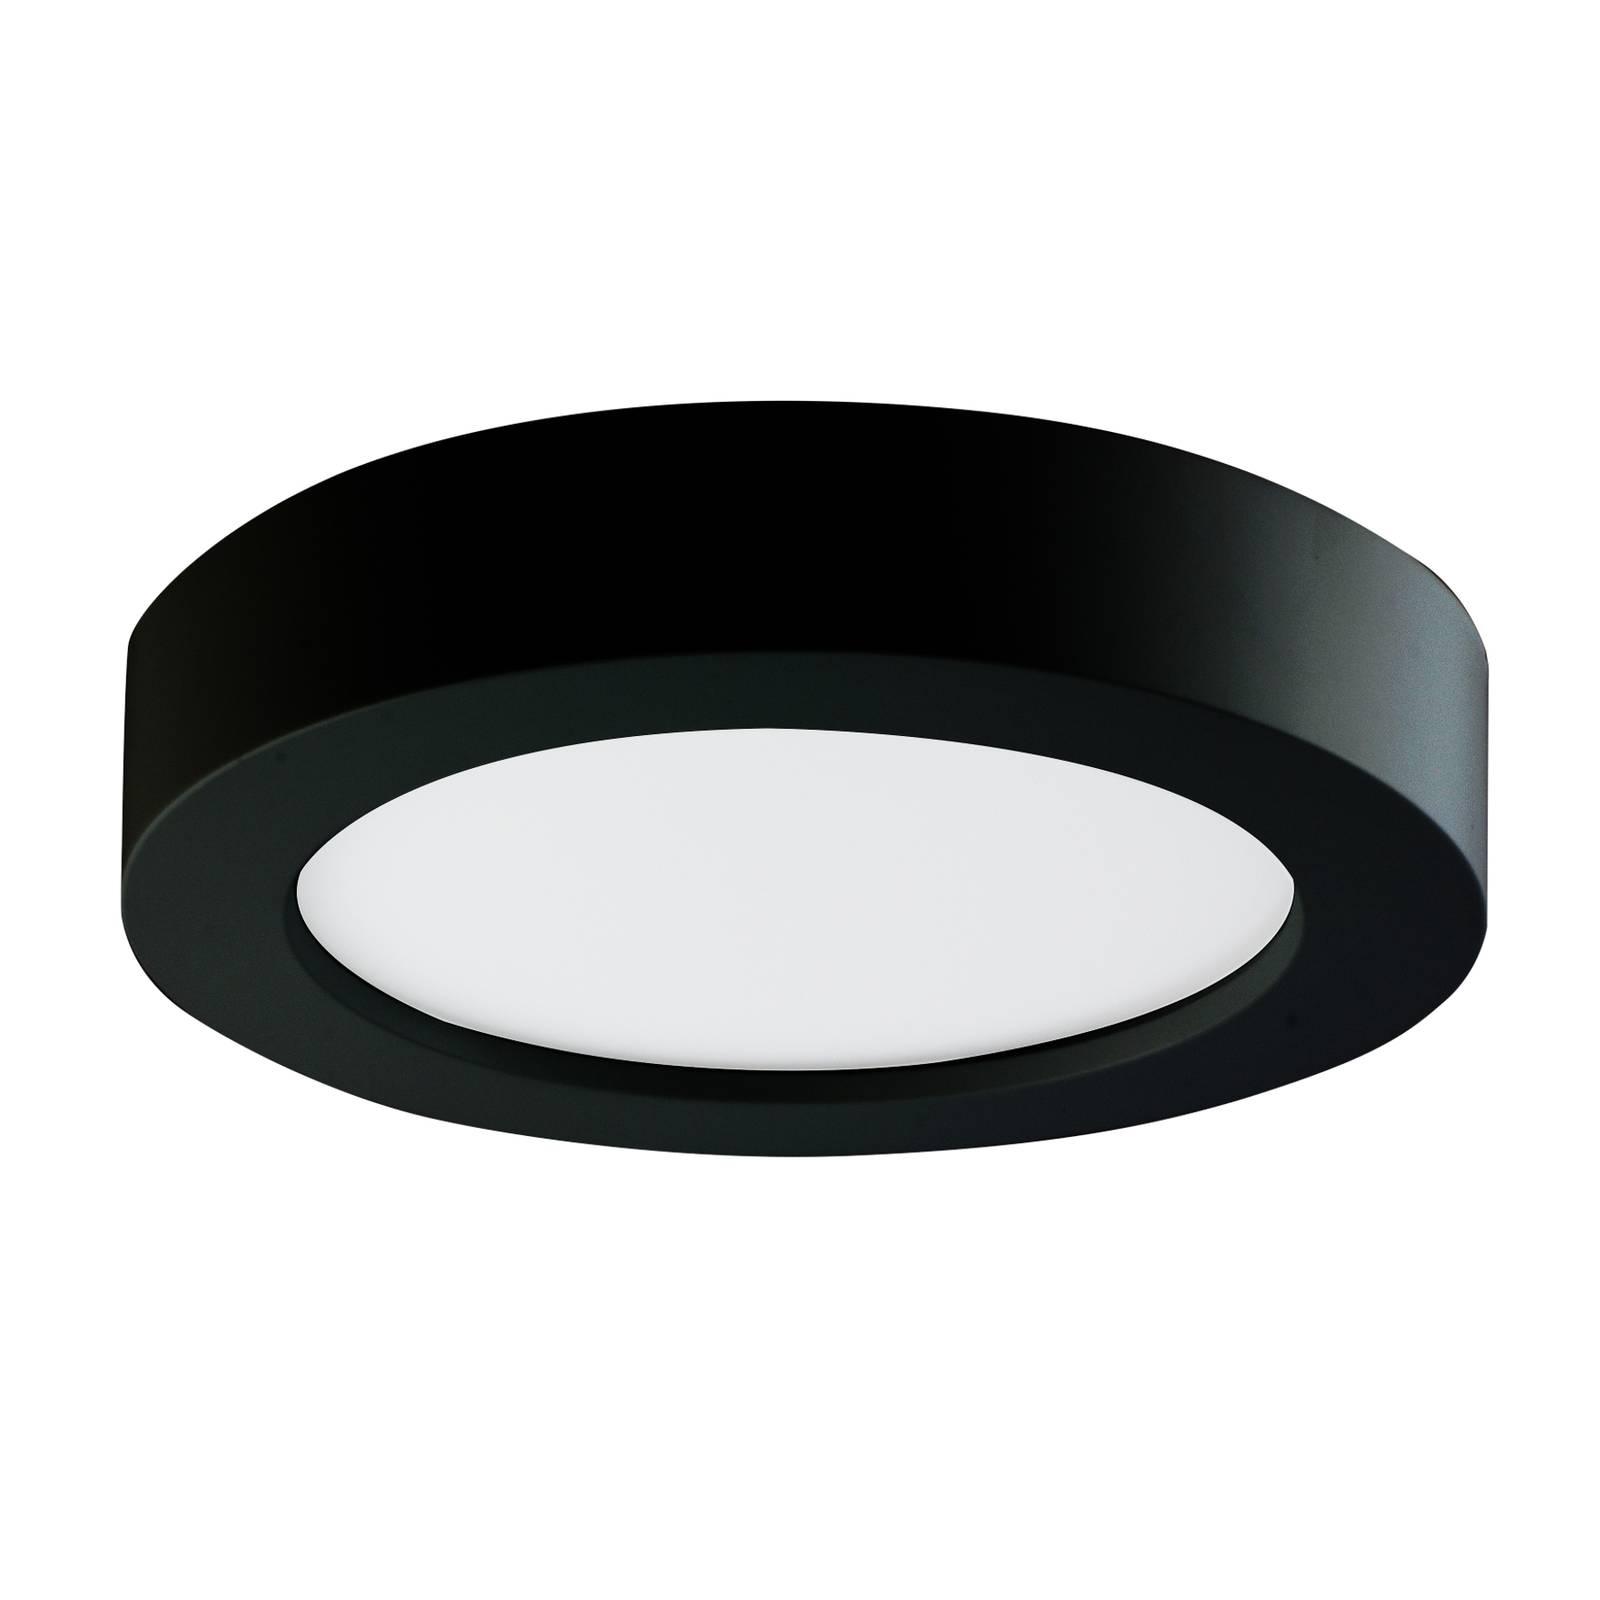 Prios Finto -LED-kattovalaisin, IP44, CCT, 24,5 cm